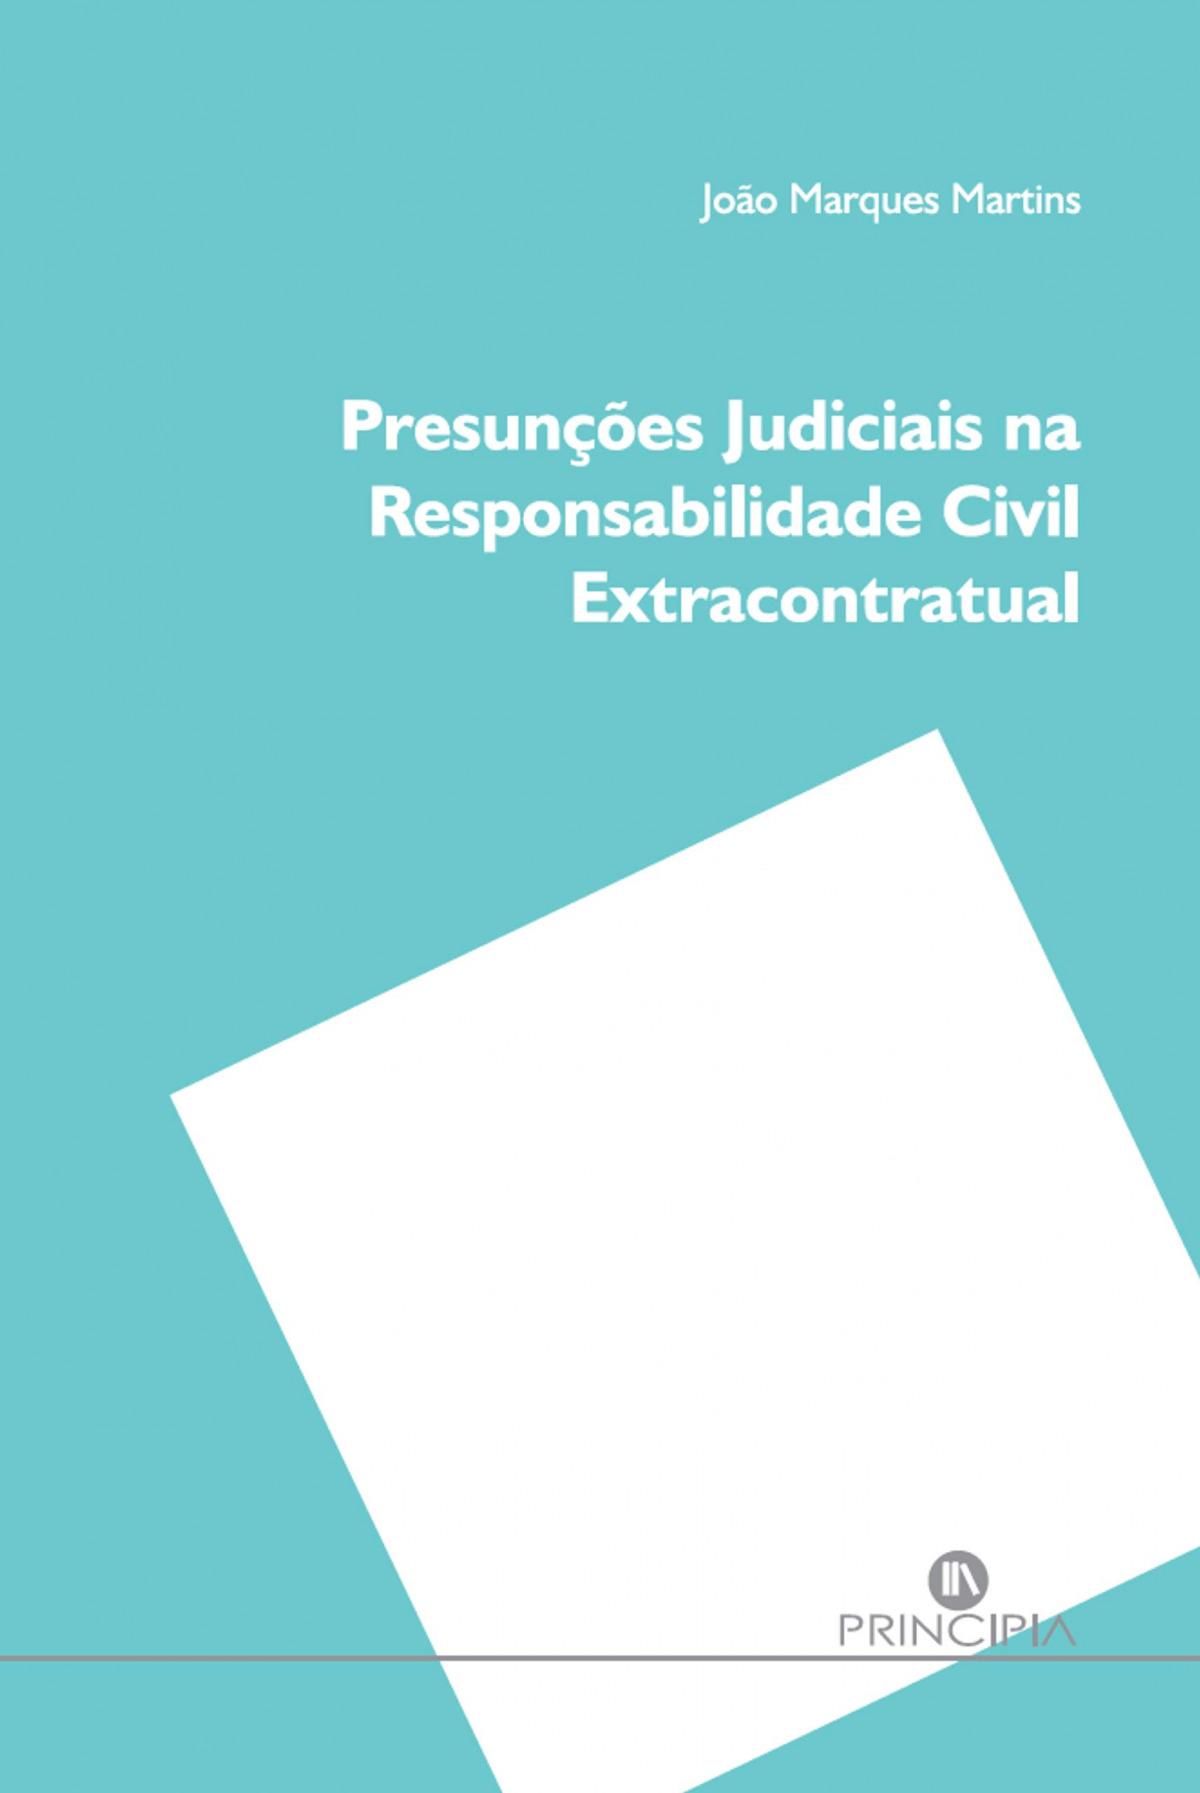 PRESUNÇÕES JUDICIAIS NA RESPONSABILIDADE CIVIL EXTRACONTRATUAL 9789897161674